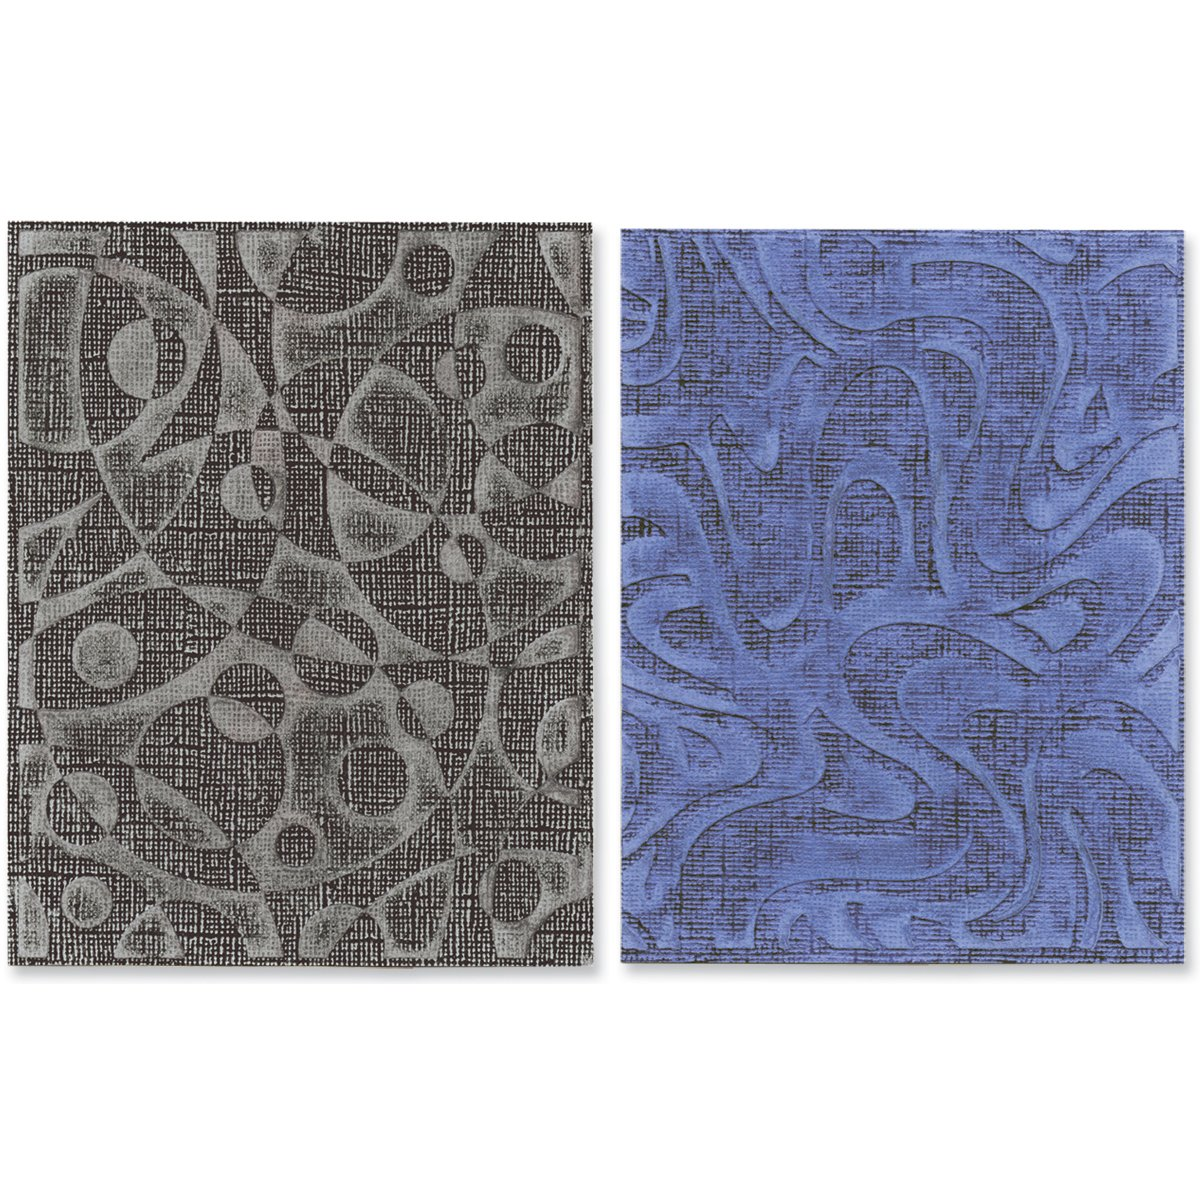 Sizzix Texture Fades goffratura cartelle di Tim Holtz 2/Pkg-Retro Cirque 5.5